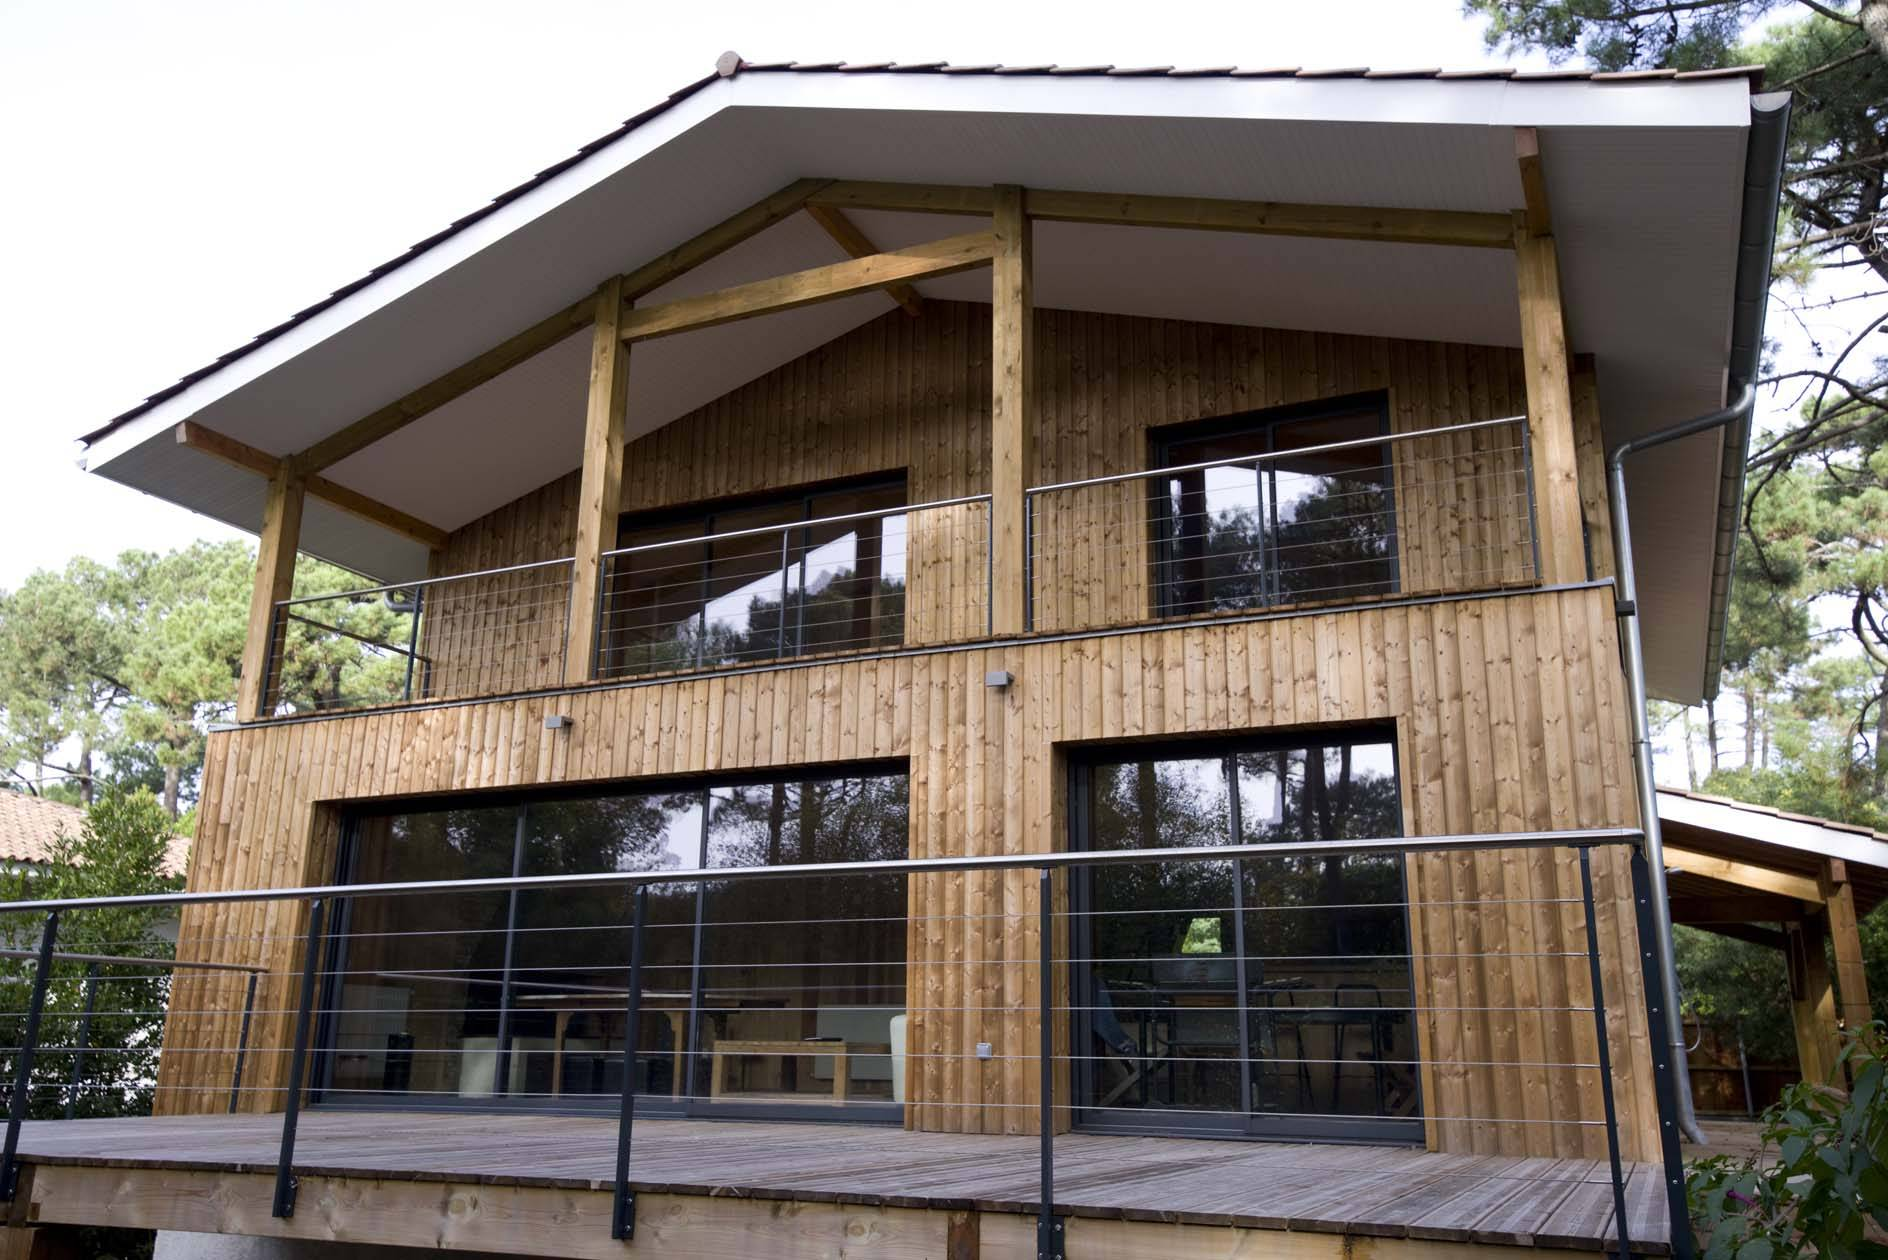 Maison Ossature Bois Bordeaux architecte maison bois et ossature bioclimatique bordeaux